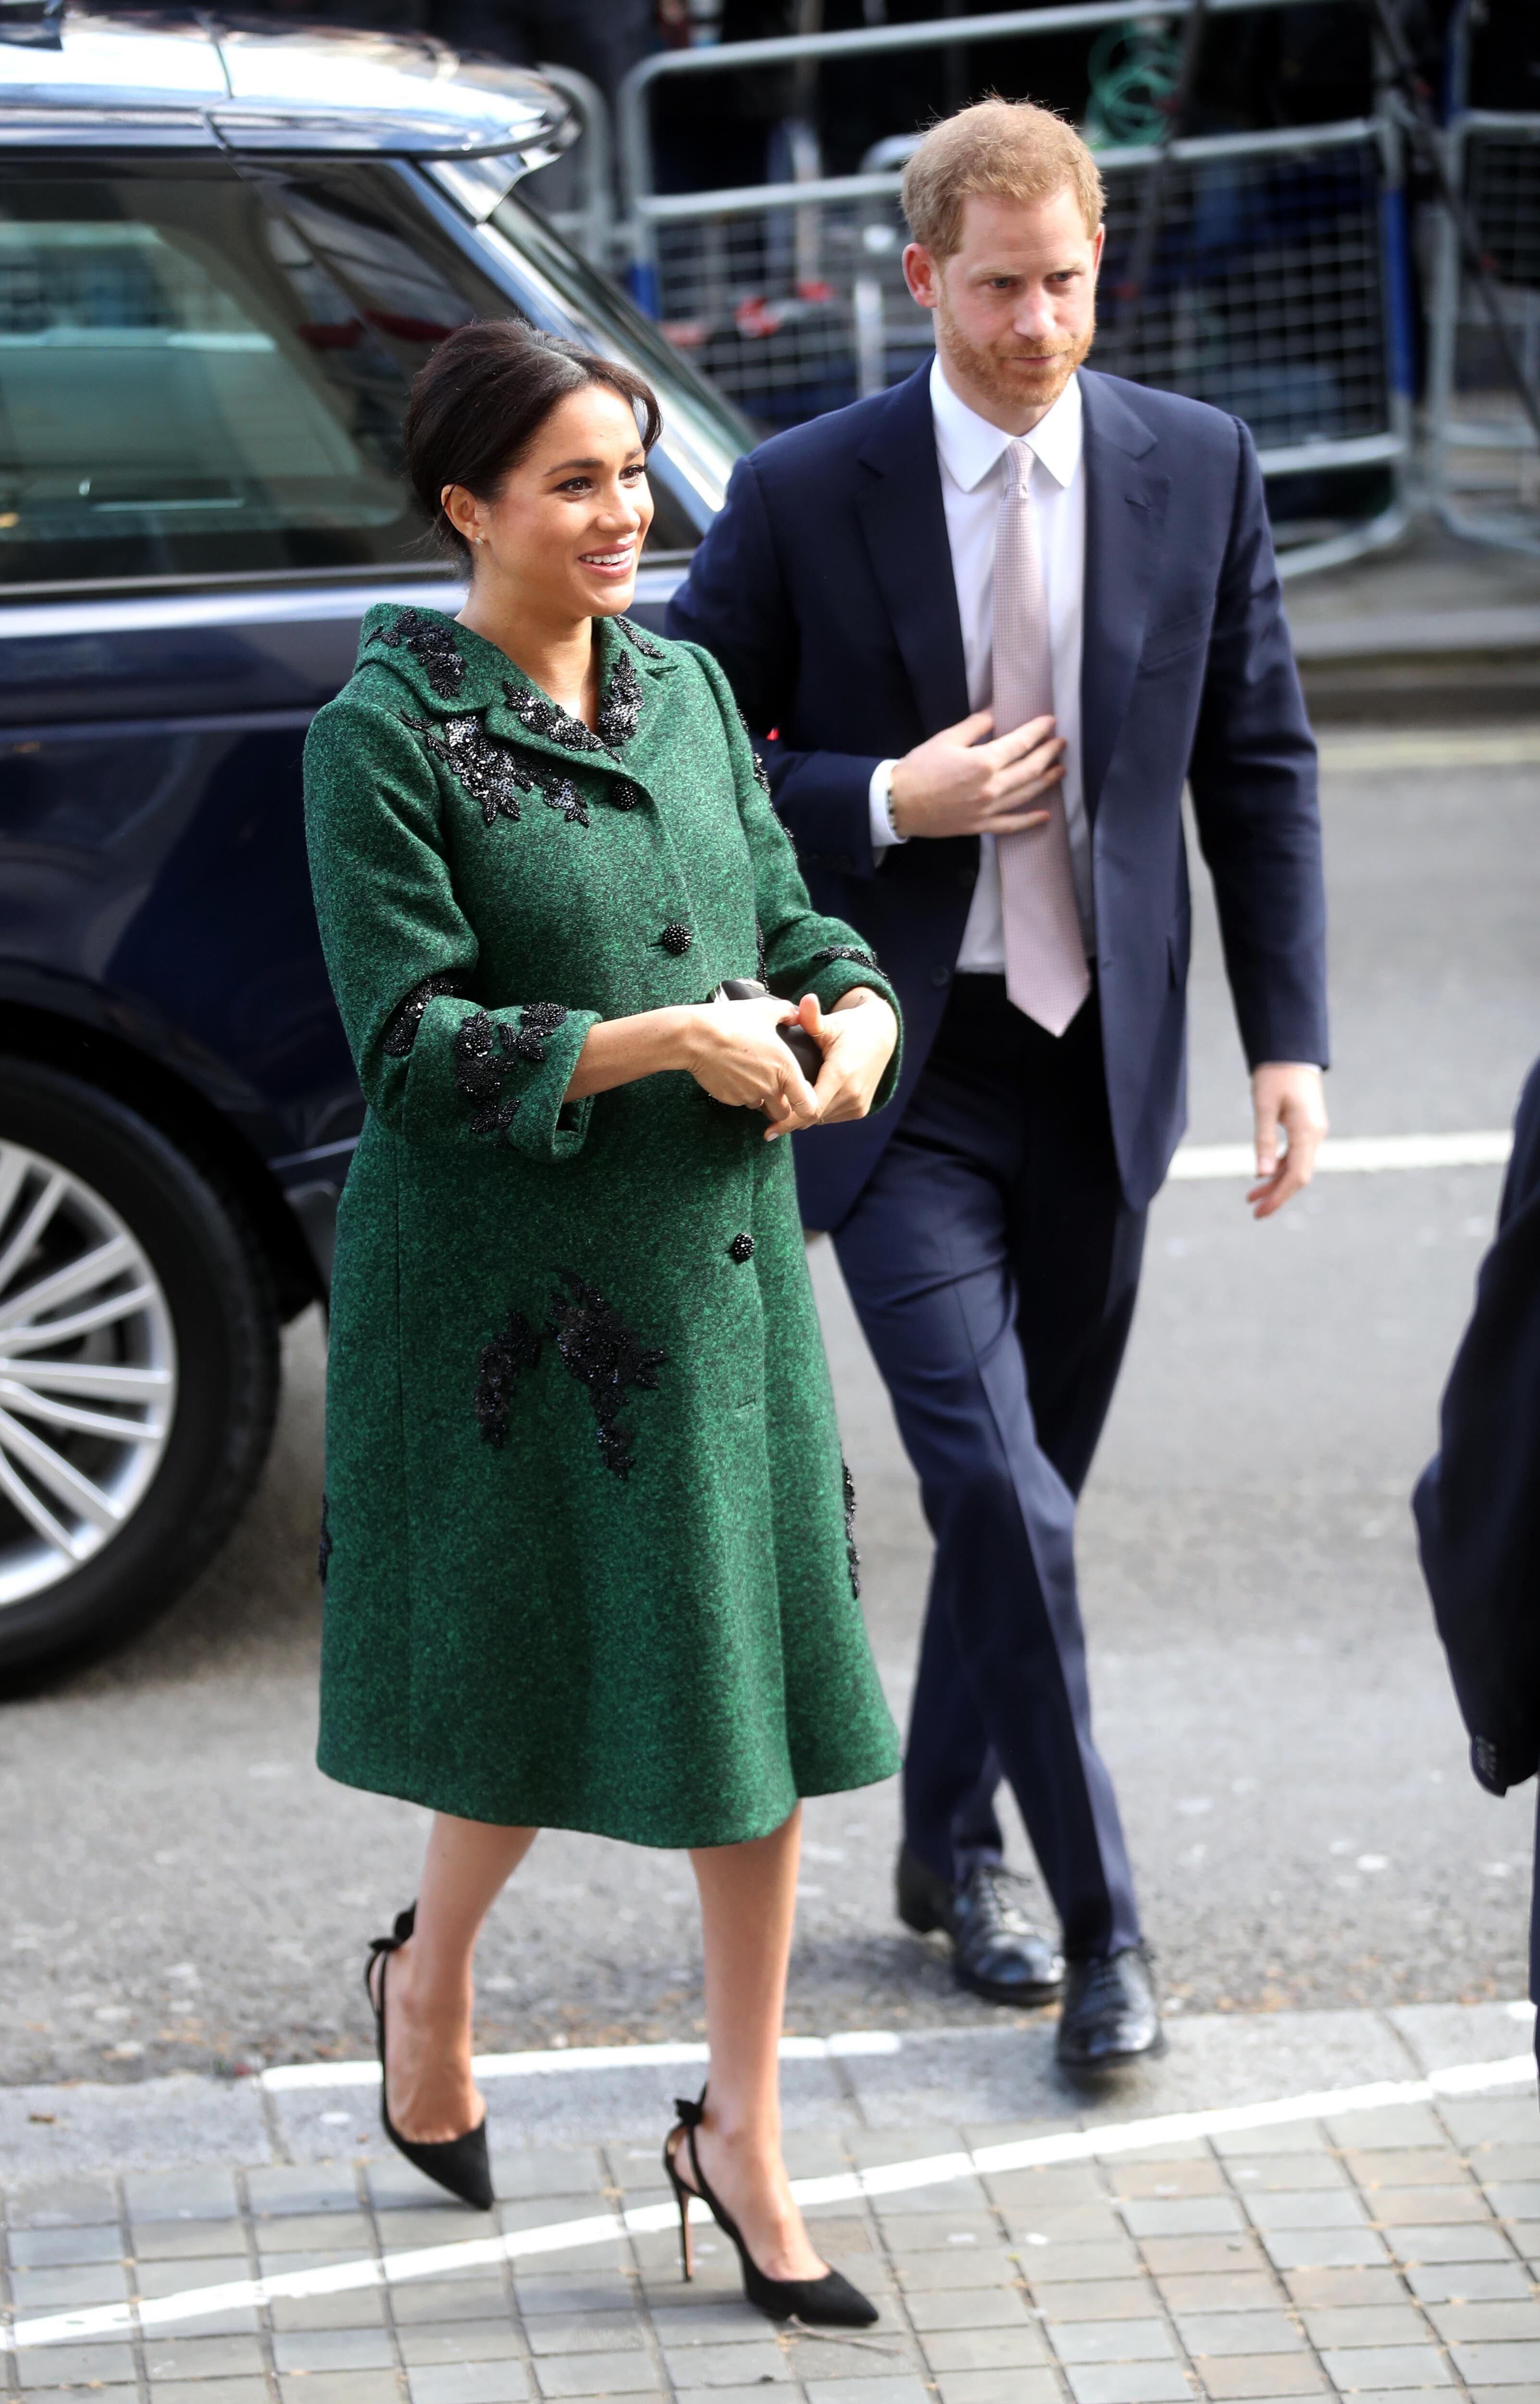 Meghan Markle marche avec le prince Harry, dans un manteau vert émeraude.   Photo : GettyImages